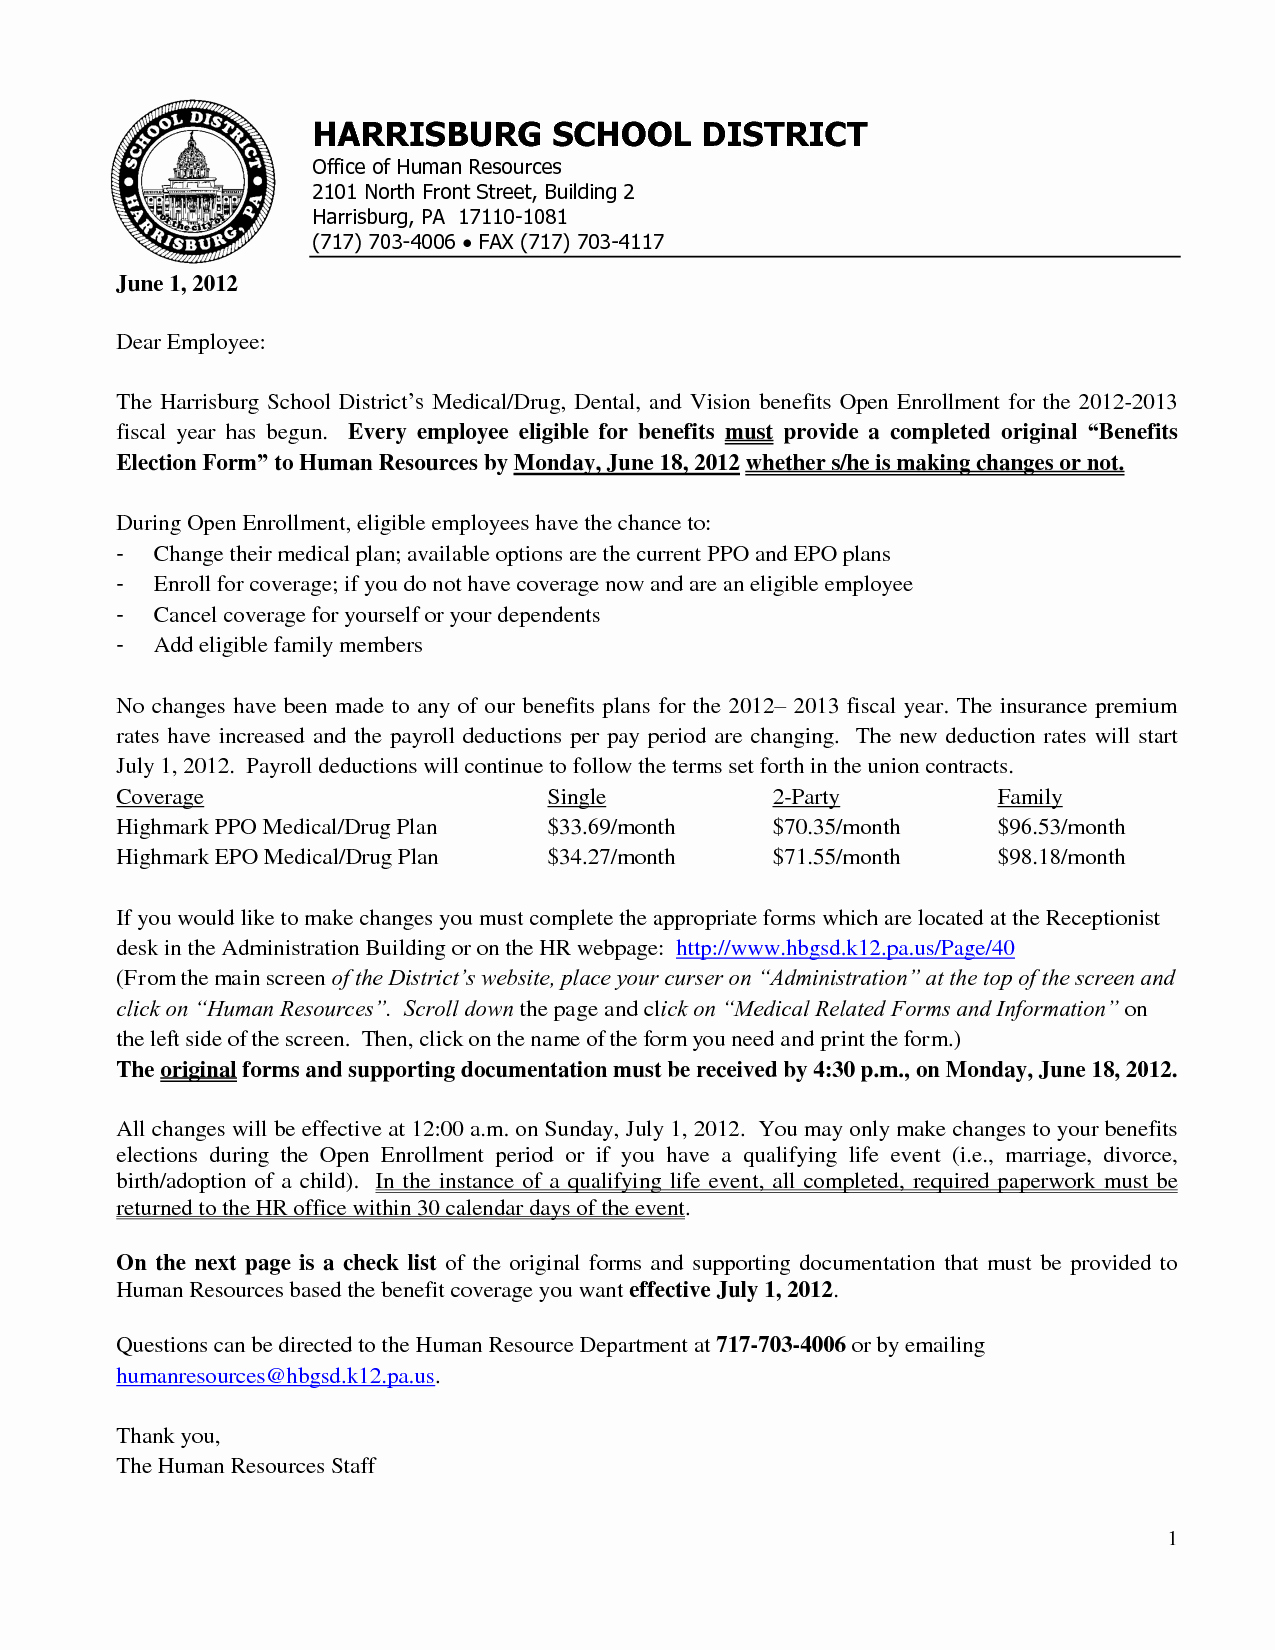 Sample Open Enrollment Letter to Employees Fresh 10 Best Of Sample Open Enrollment Notice Cobra